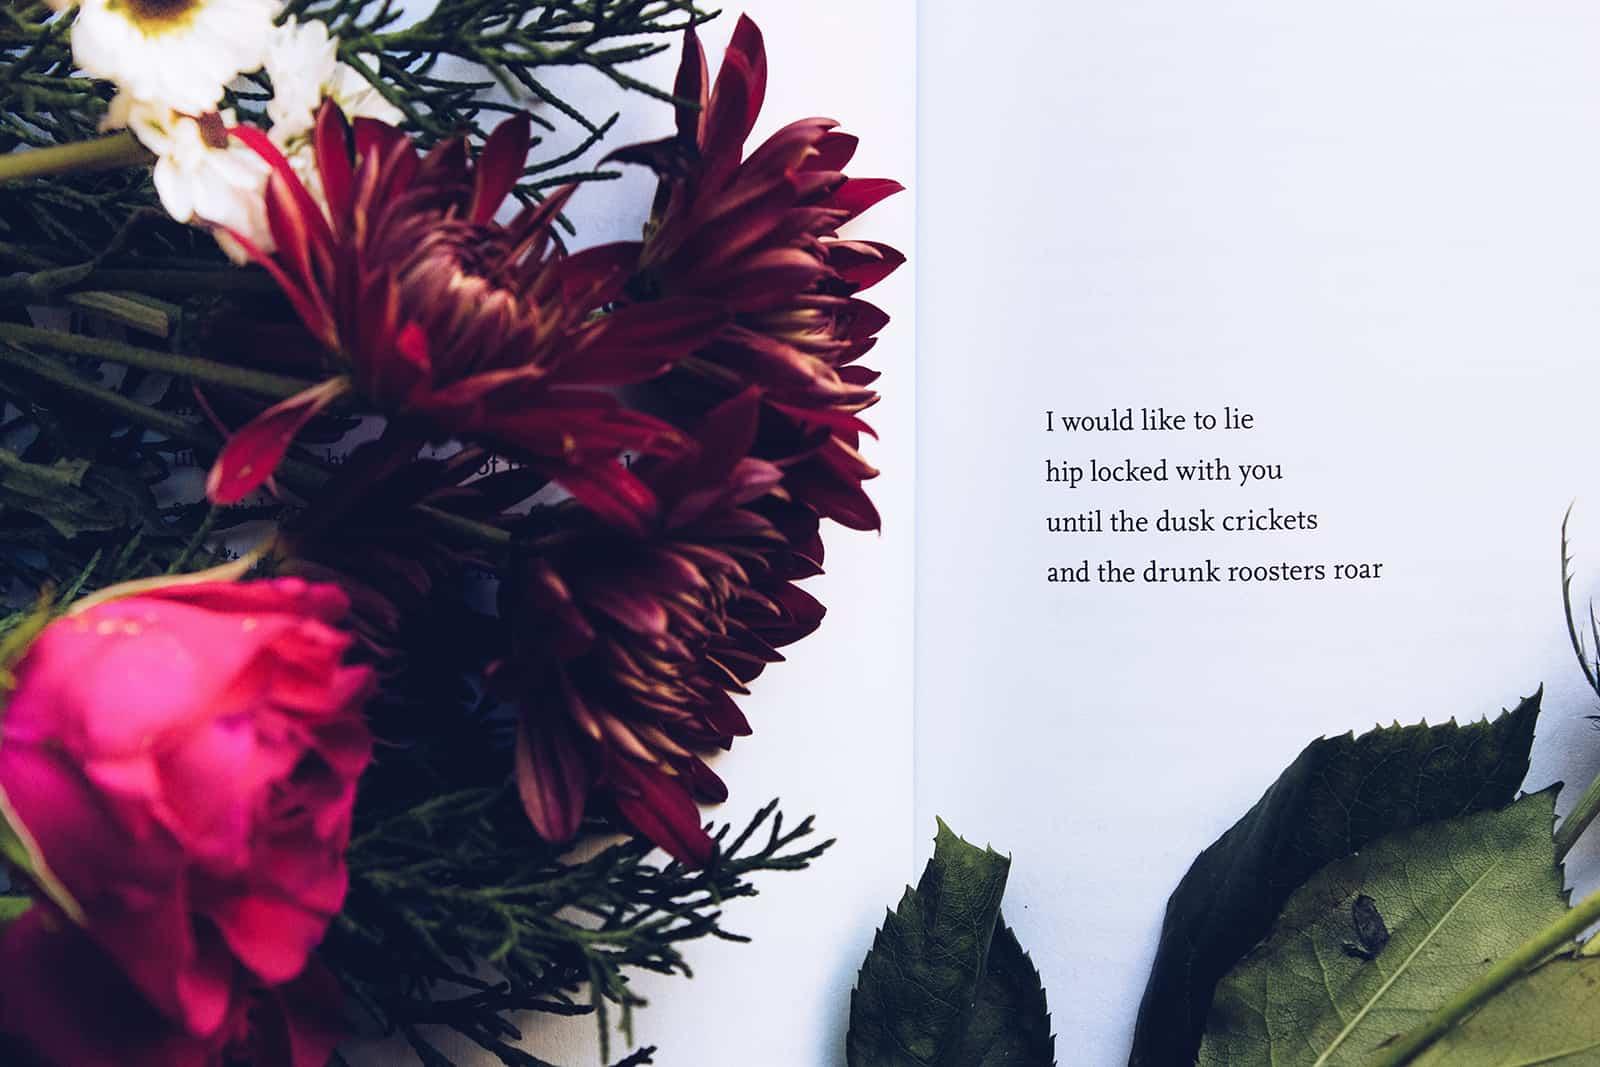 ein Liebestext in einem Buch und ein Blumenstrauß darauf